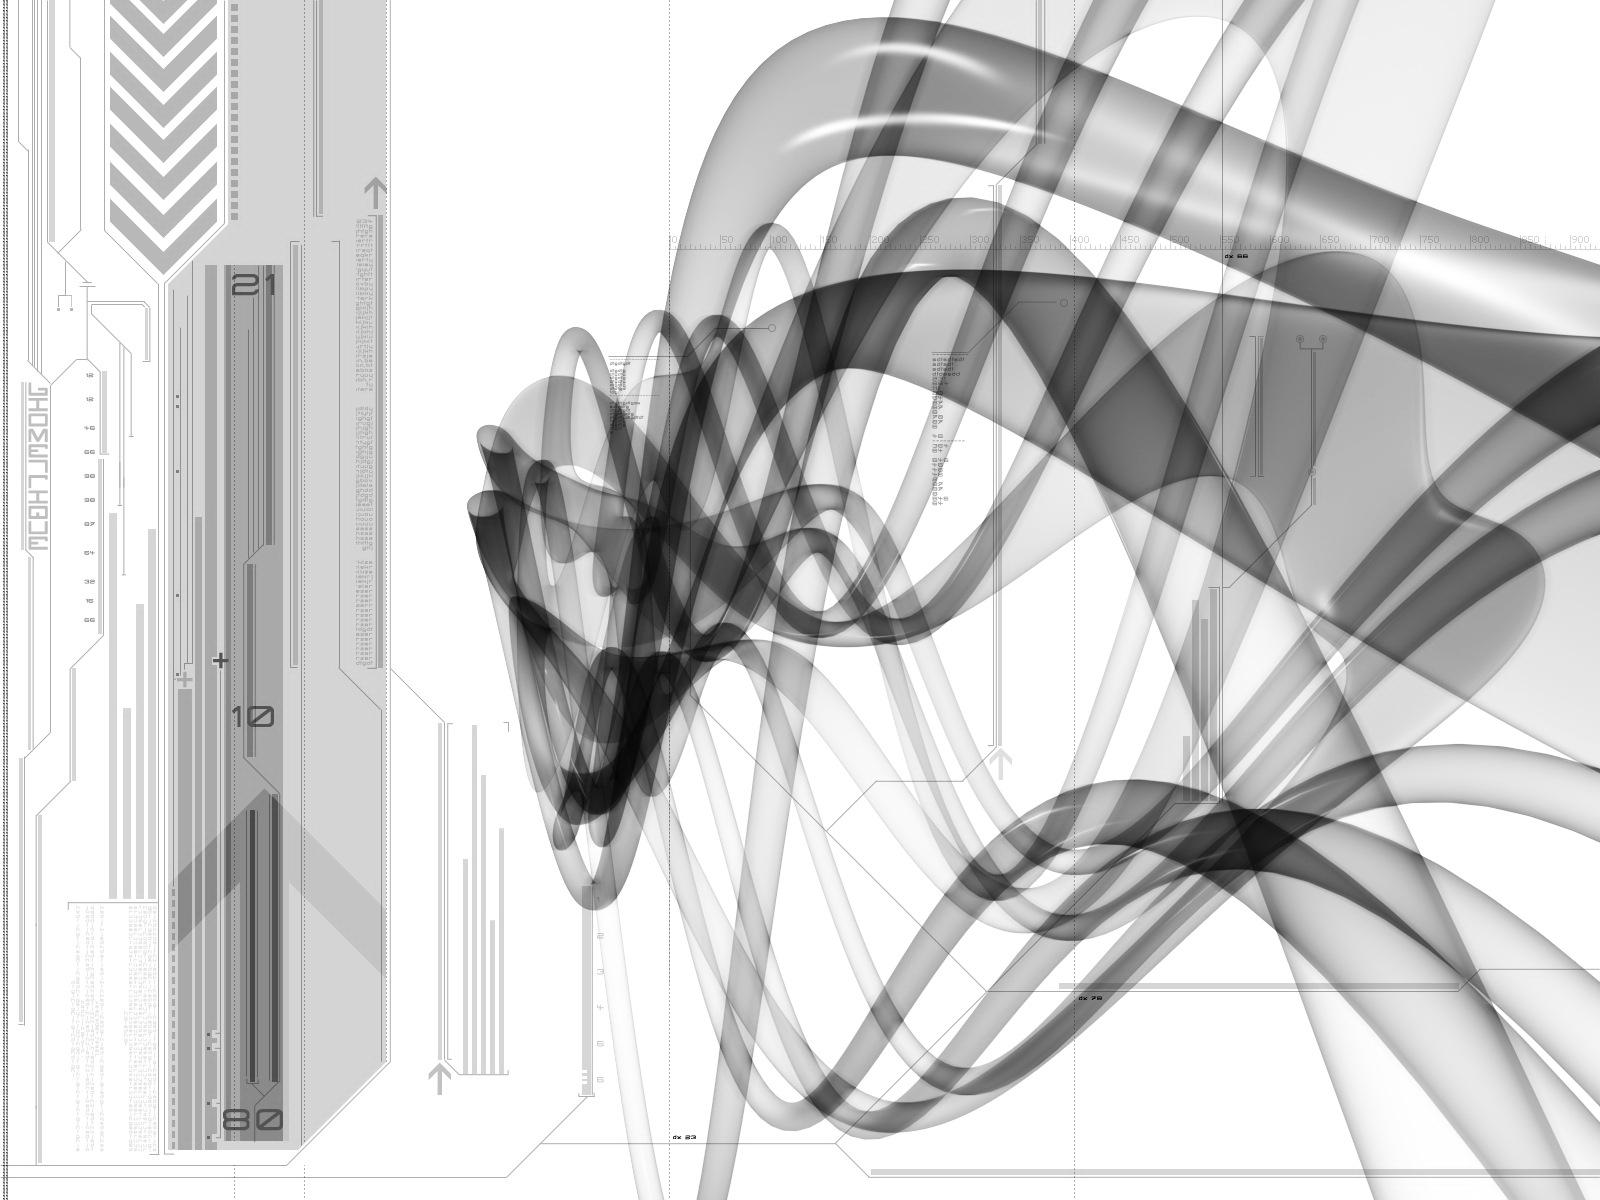 CG 壁紙 - Computer Graphics WALLPAPER